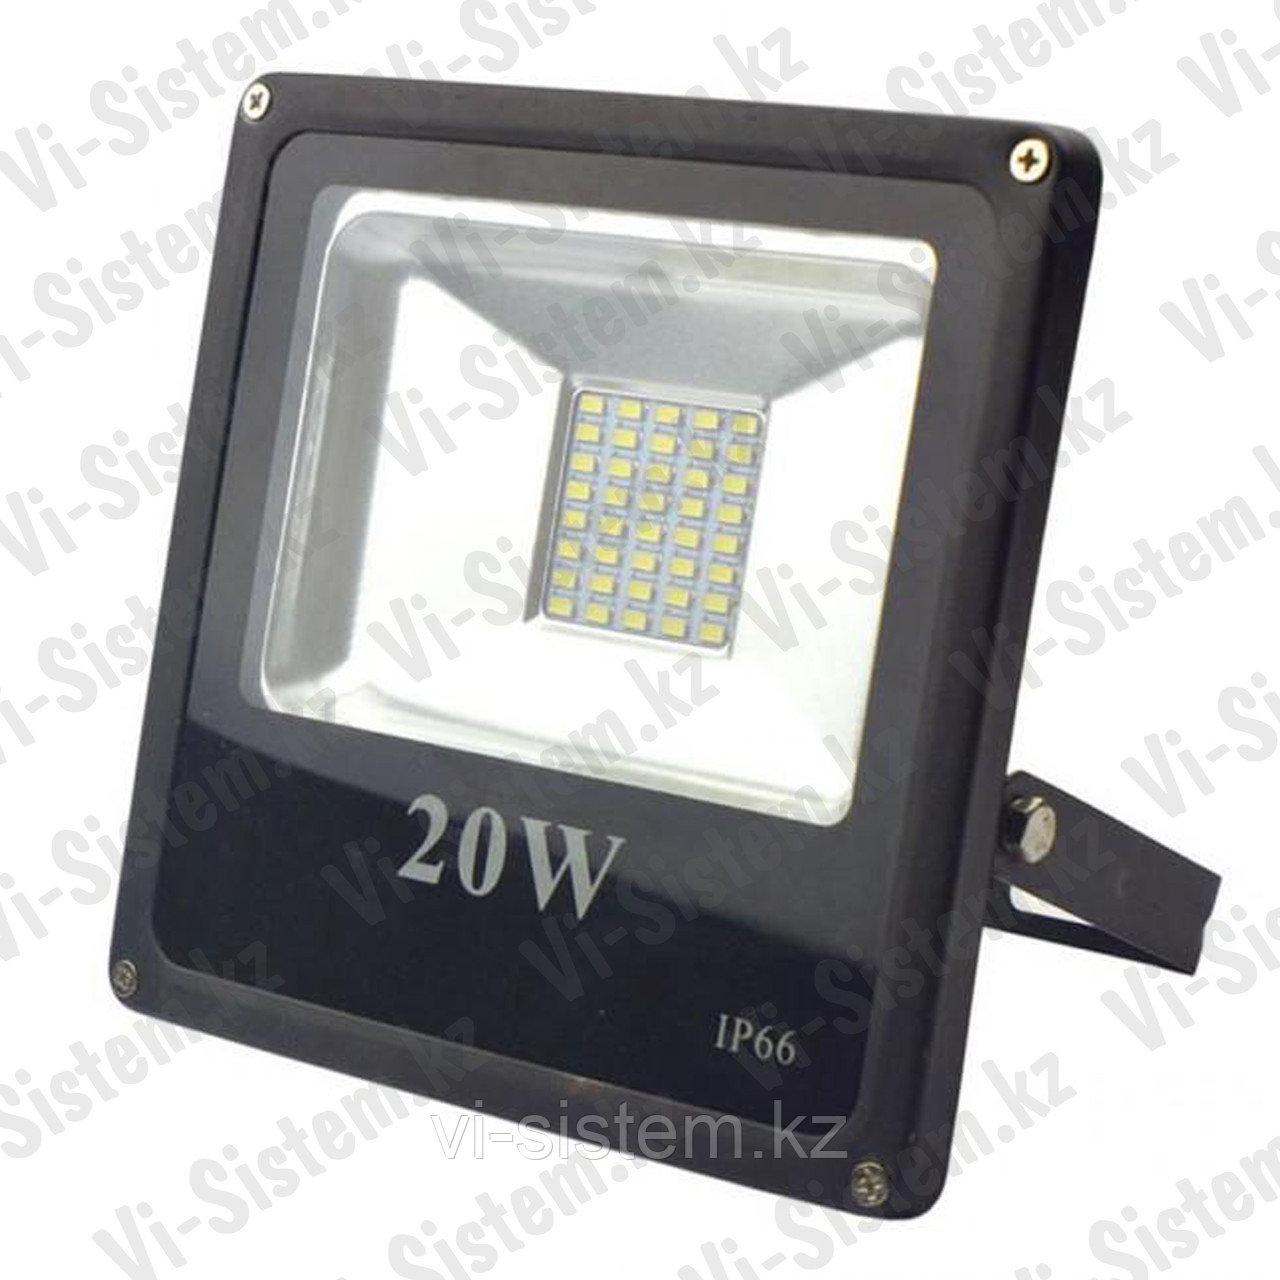 LED-Прожектор 20W Черный